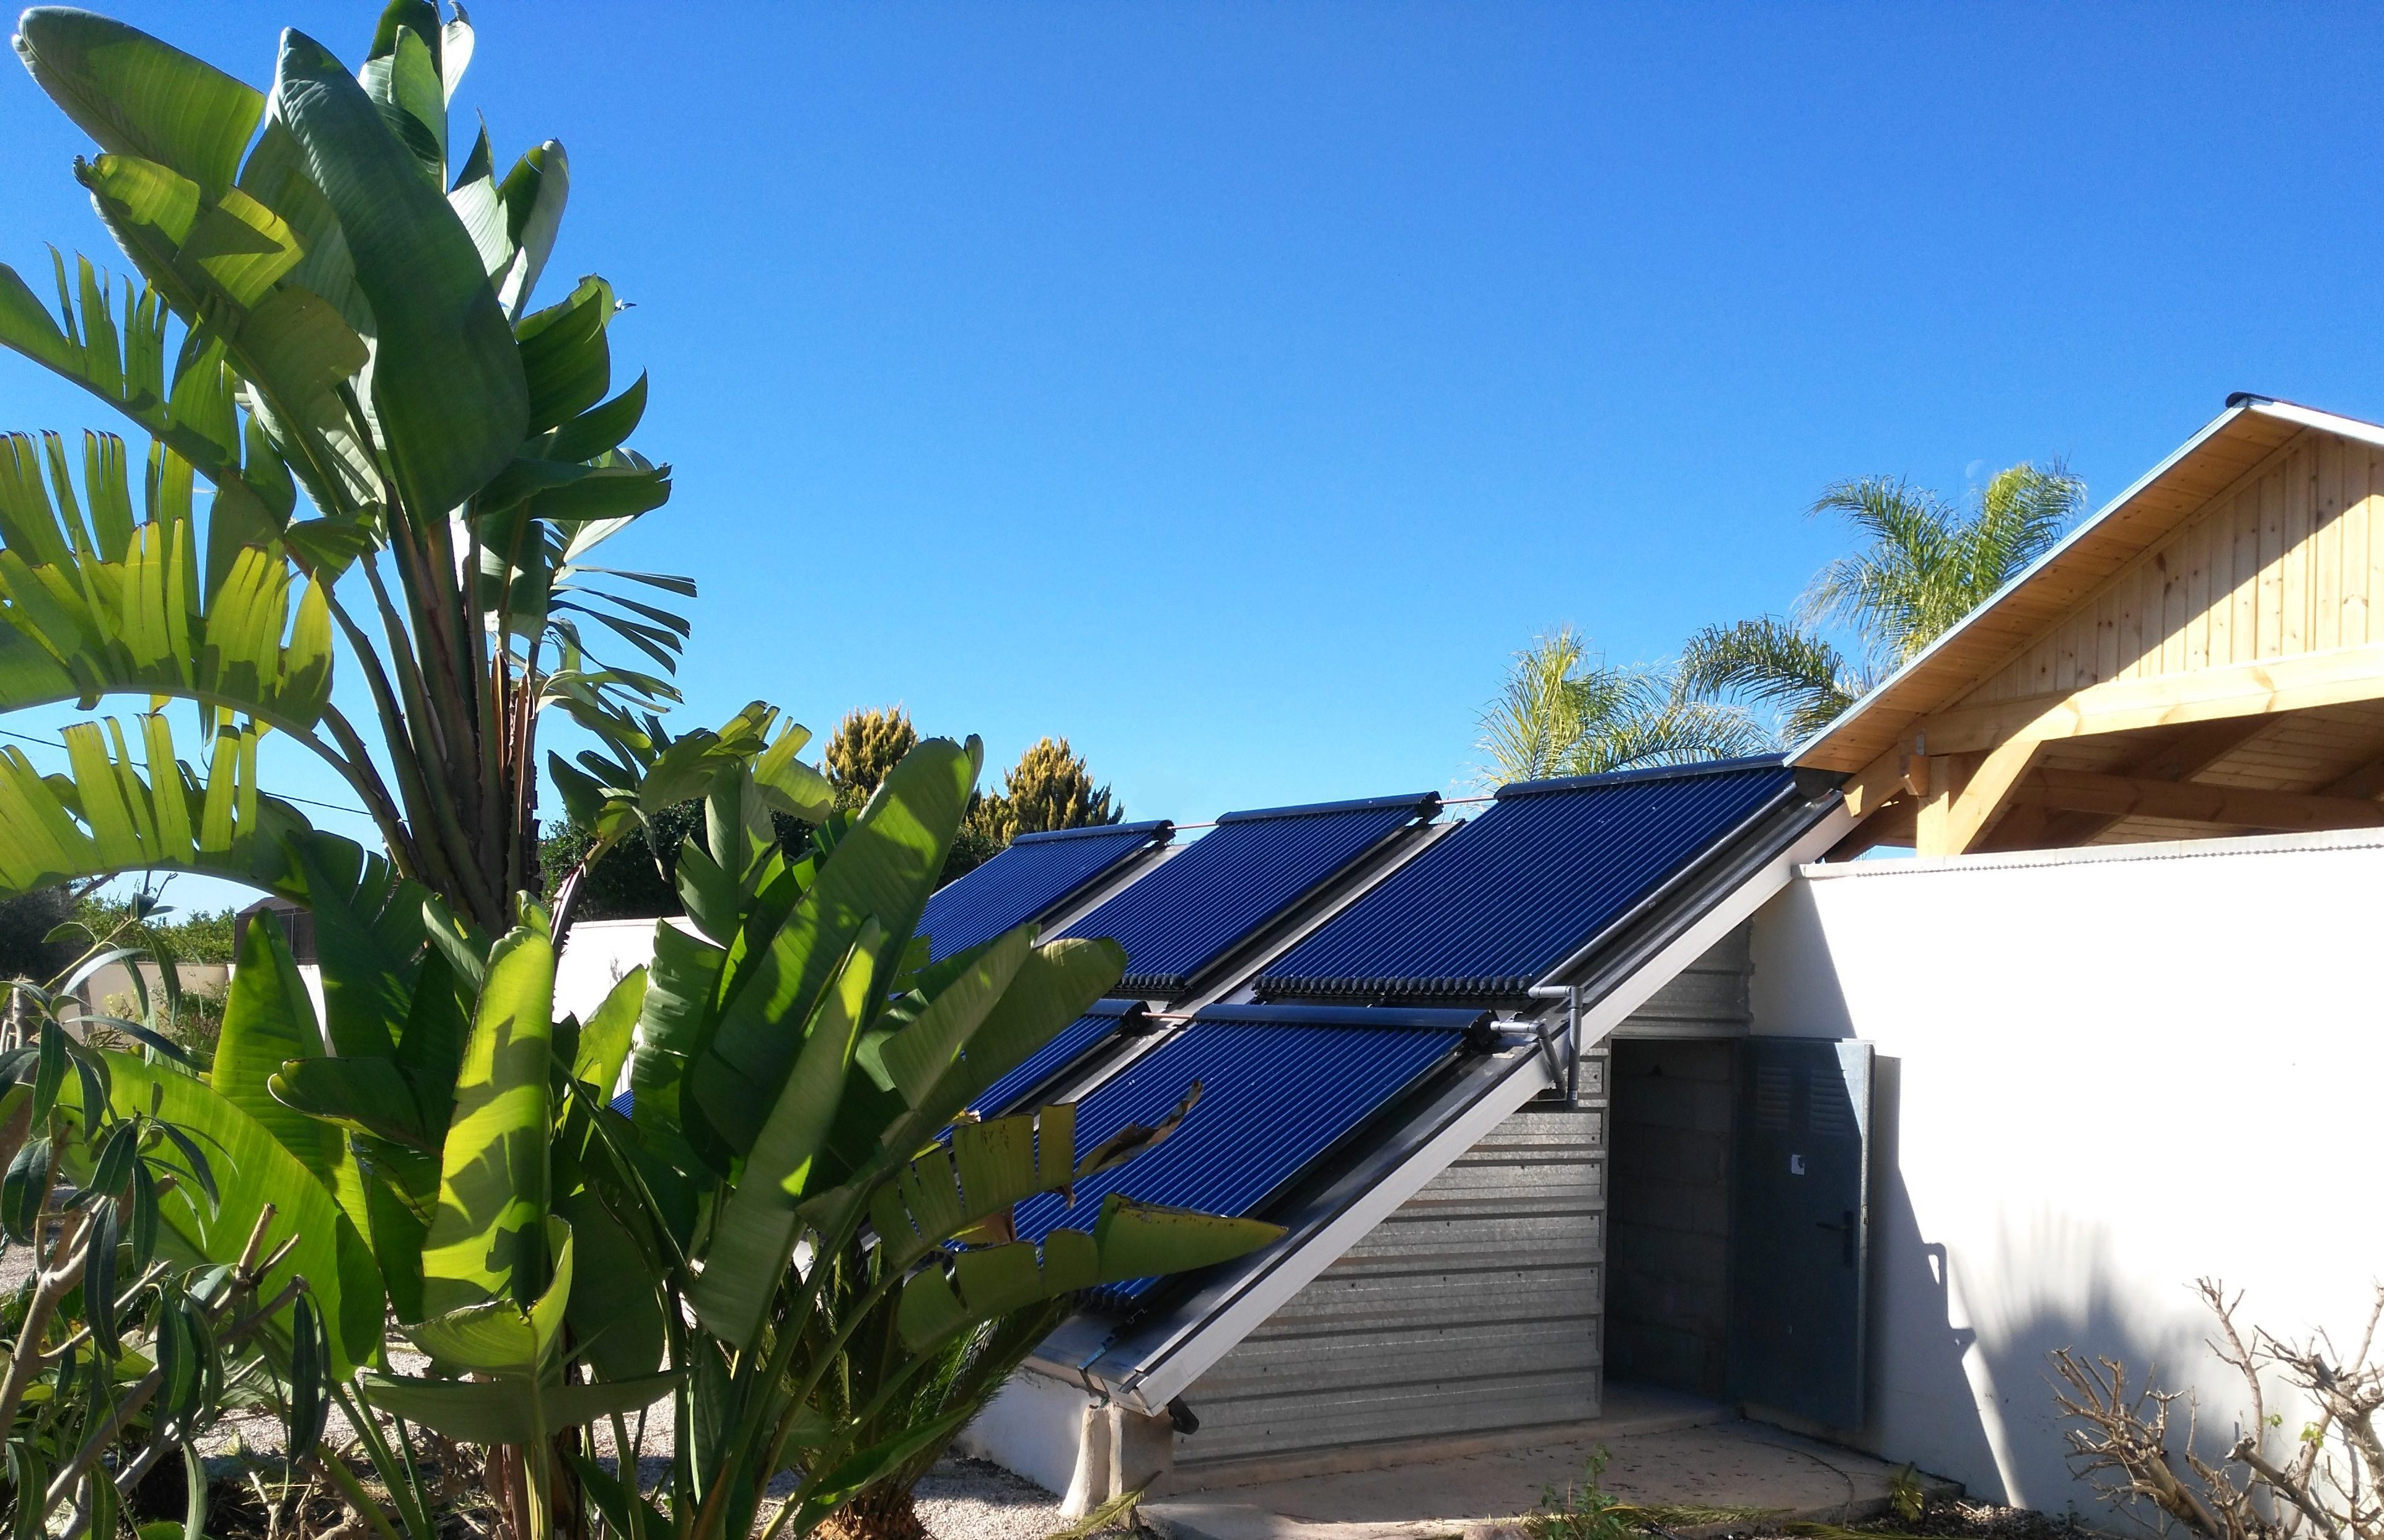 Why Solar Energy?